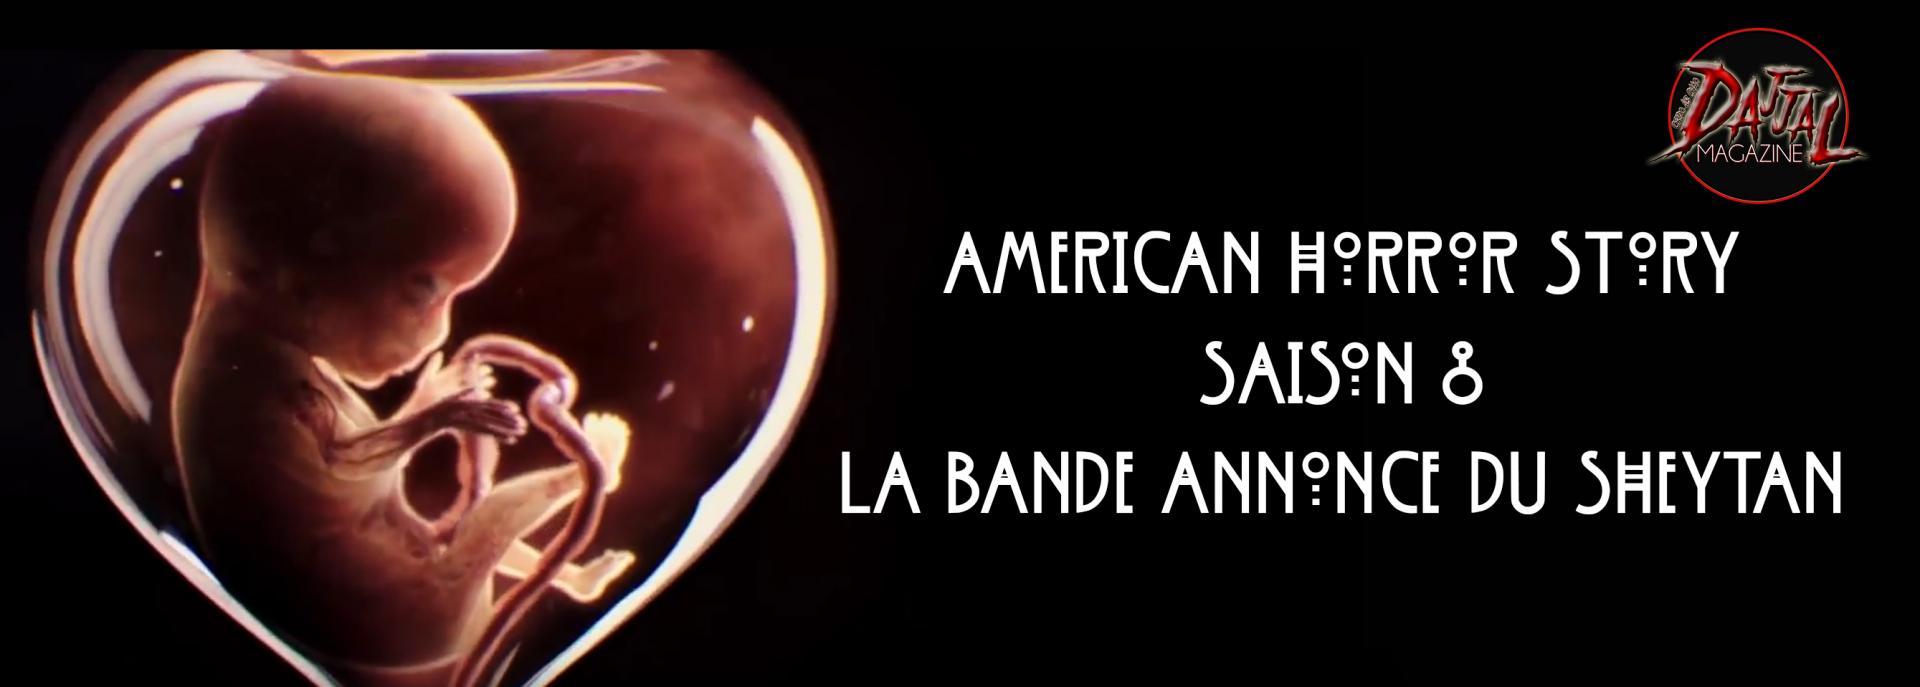 American horror story la bande annonce du sheytan